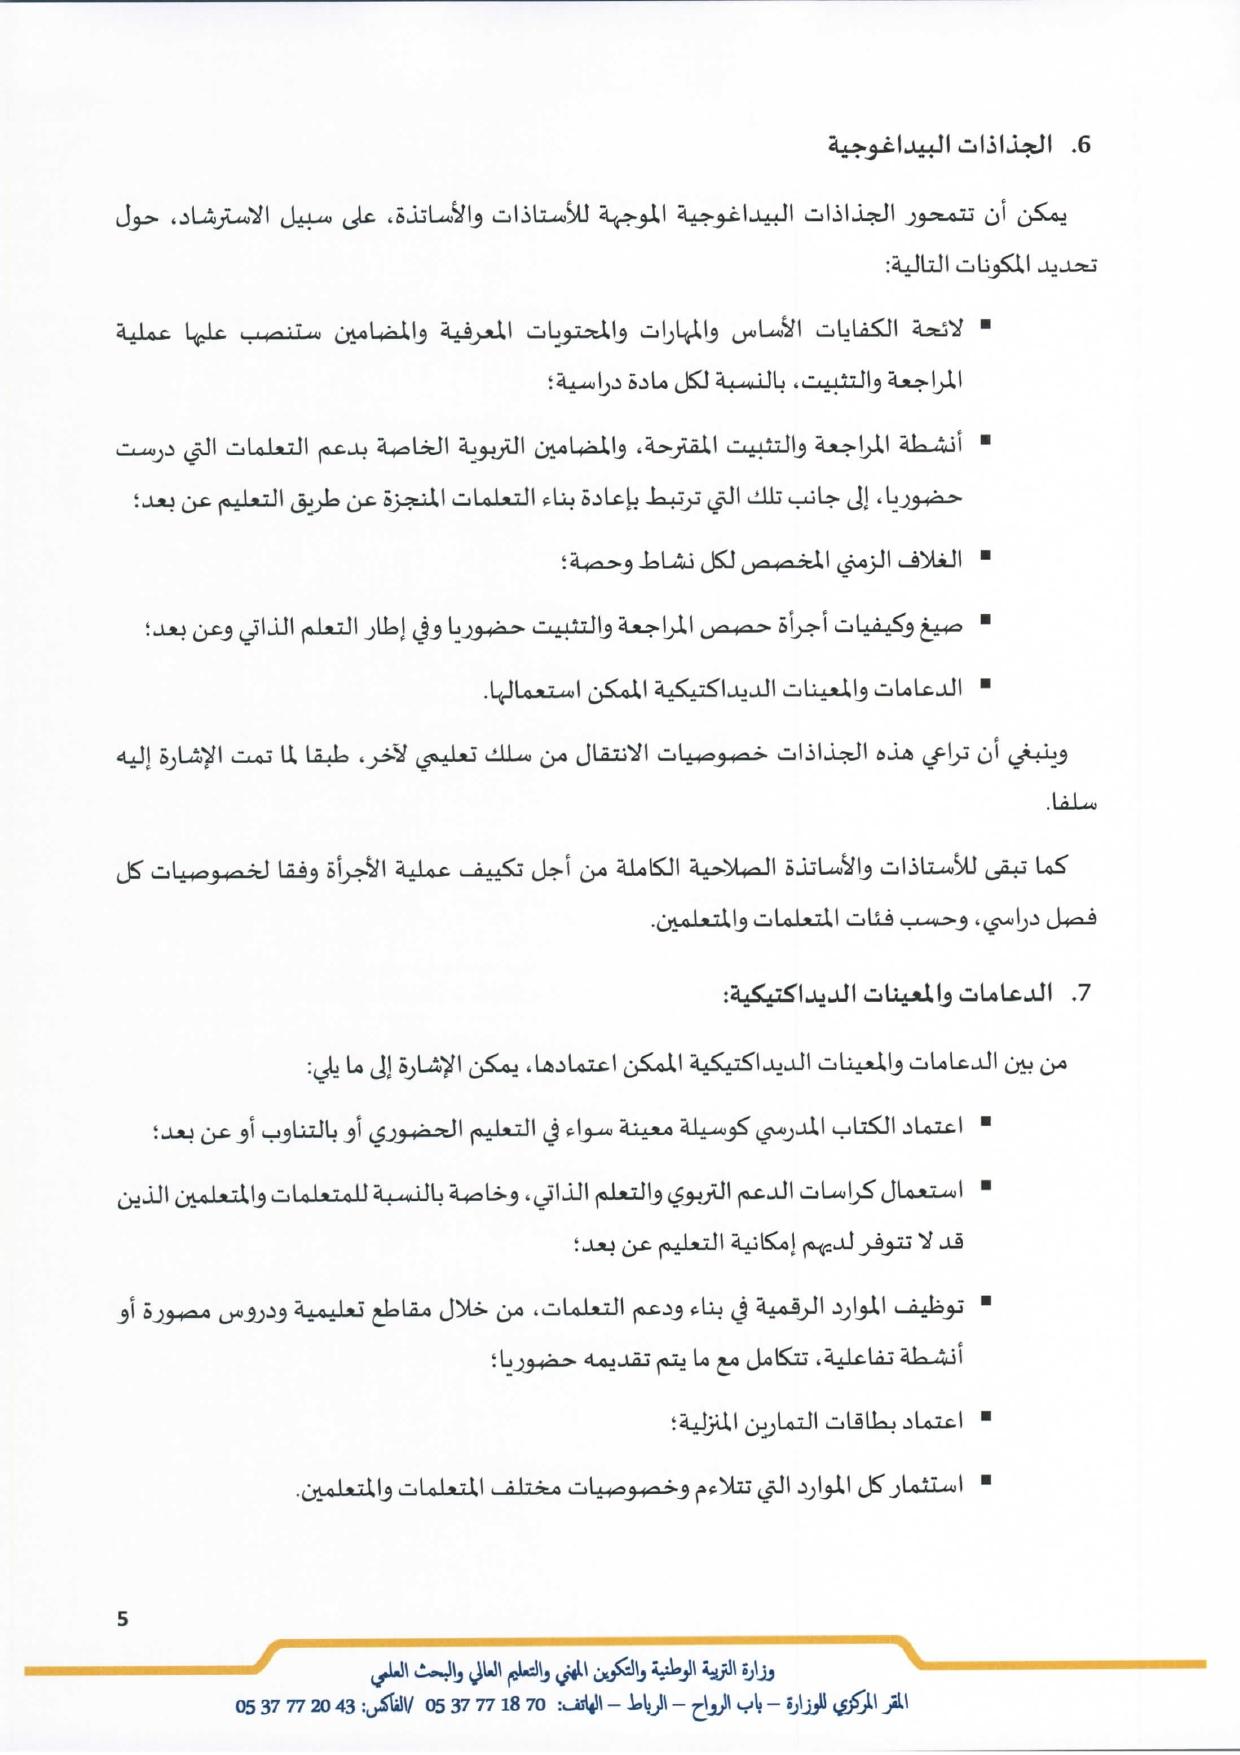 تنظيم حصص المراجعة والتثبيت في بداية الموسم الدراسي 2020-2021